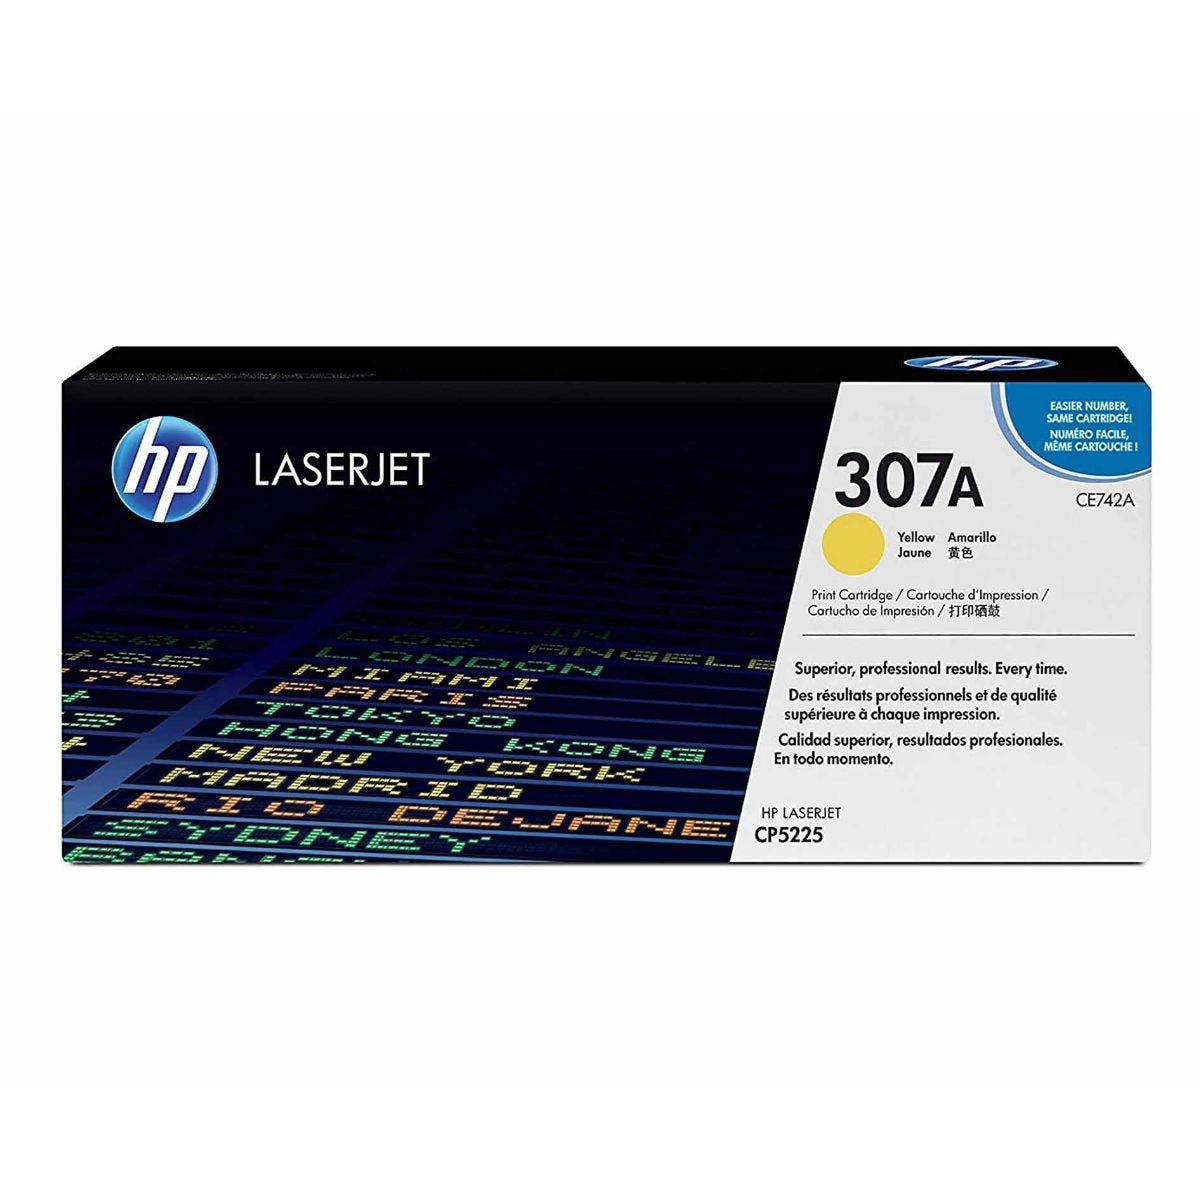 HP CE742A Laserjet Cartridge, Yellow